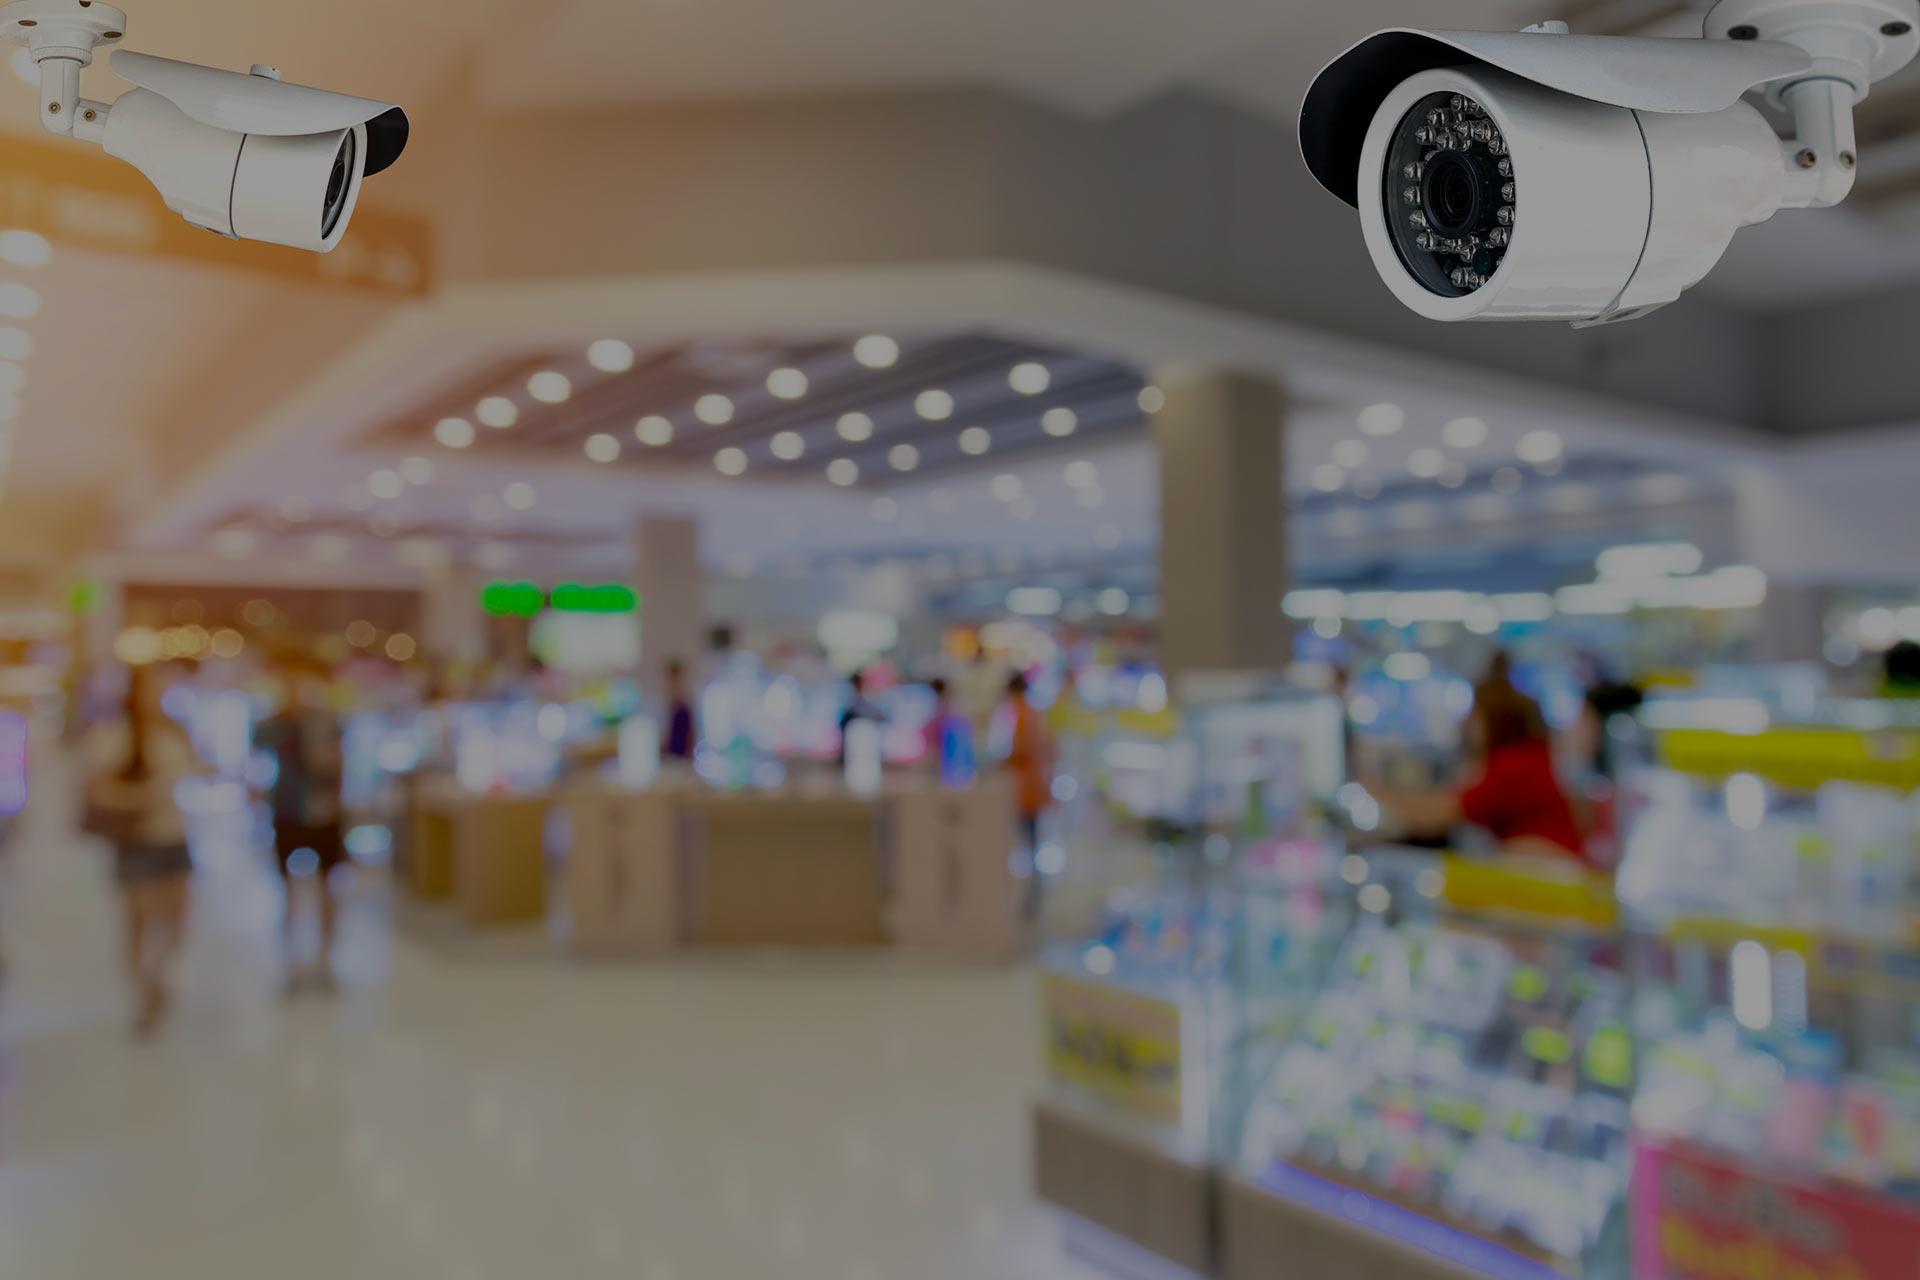 Sitadell, solutions de sécurité pour les entreprises (vidéosurveillance, alarmes, coffres, ...)